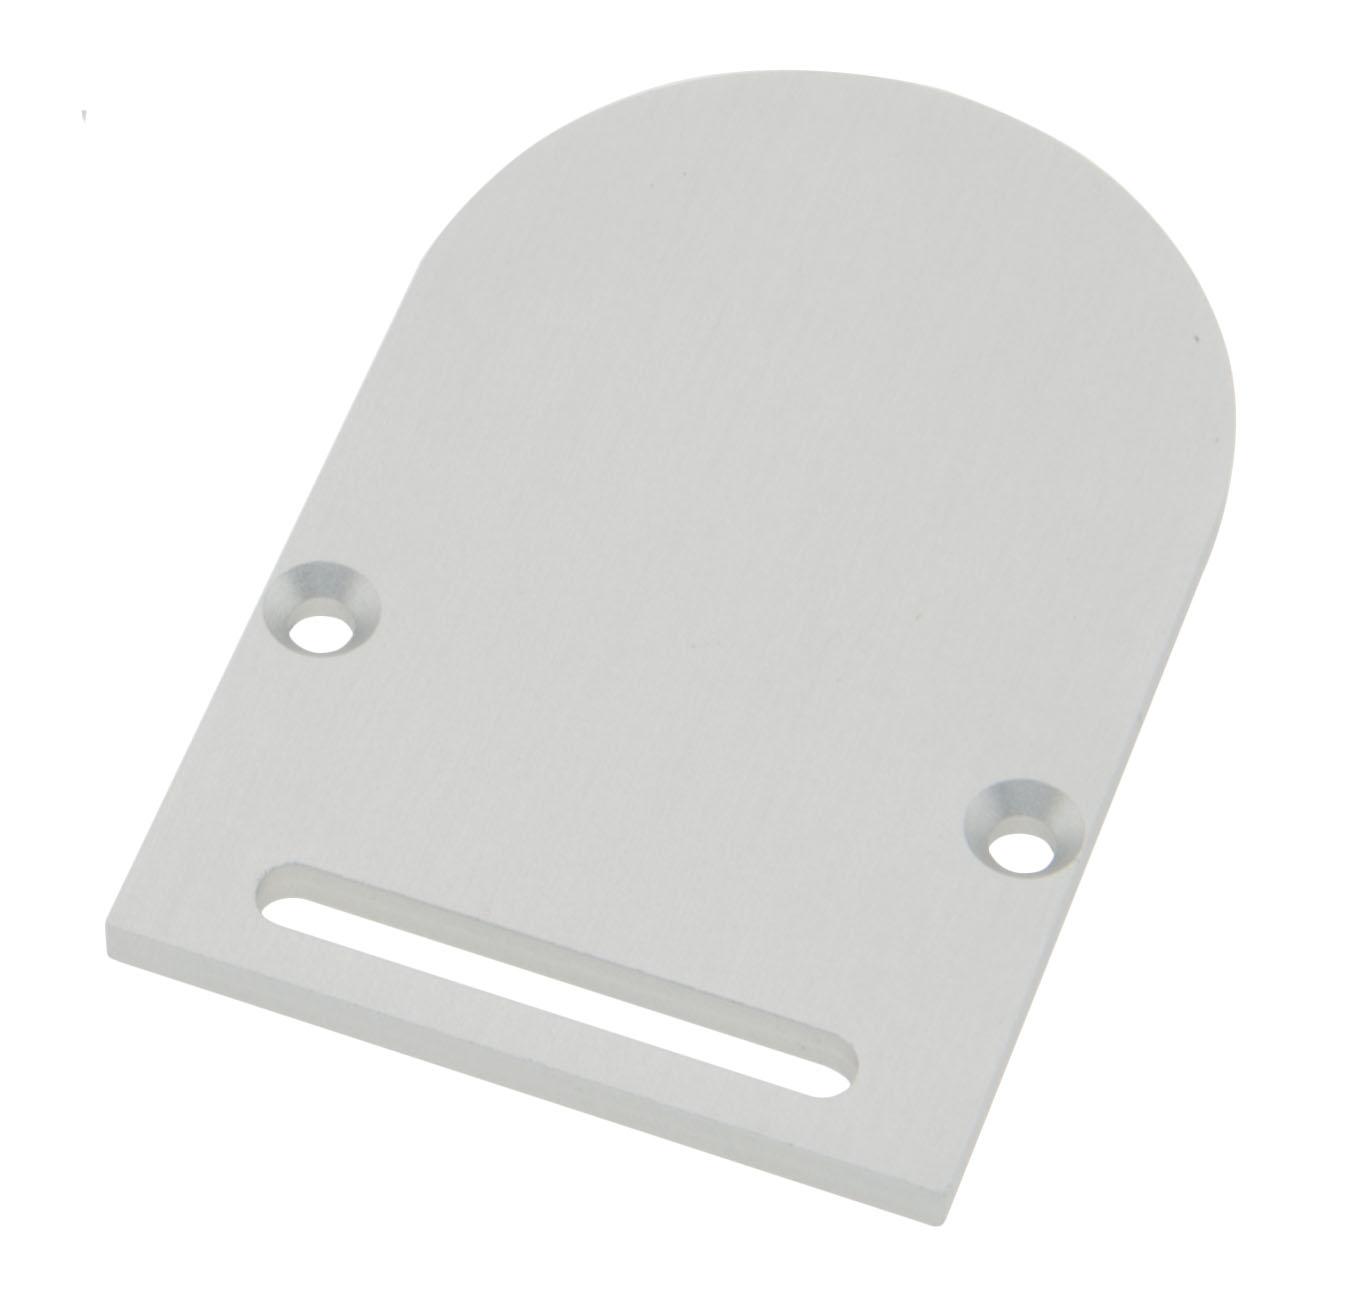 Profil Endkappe CLR Rund mit Langloch inkl. Schrauben